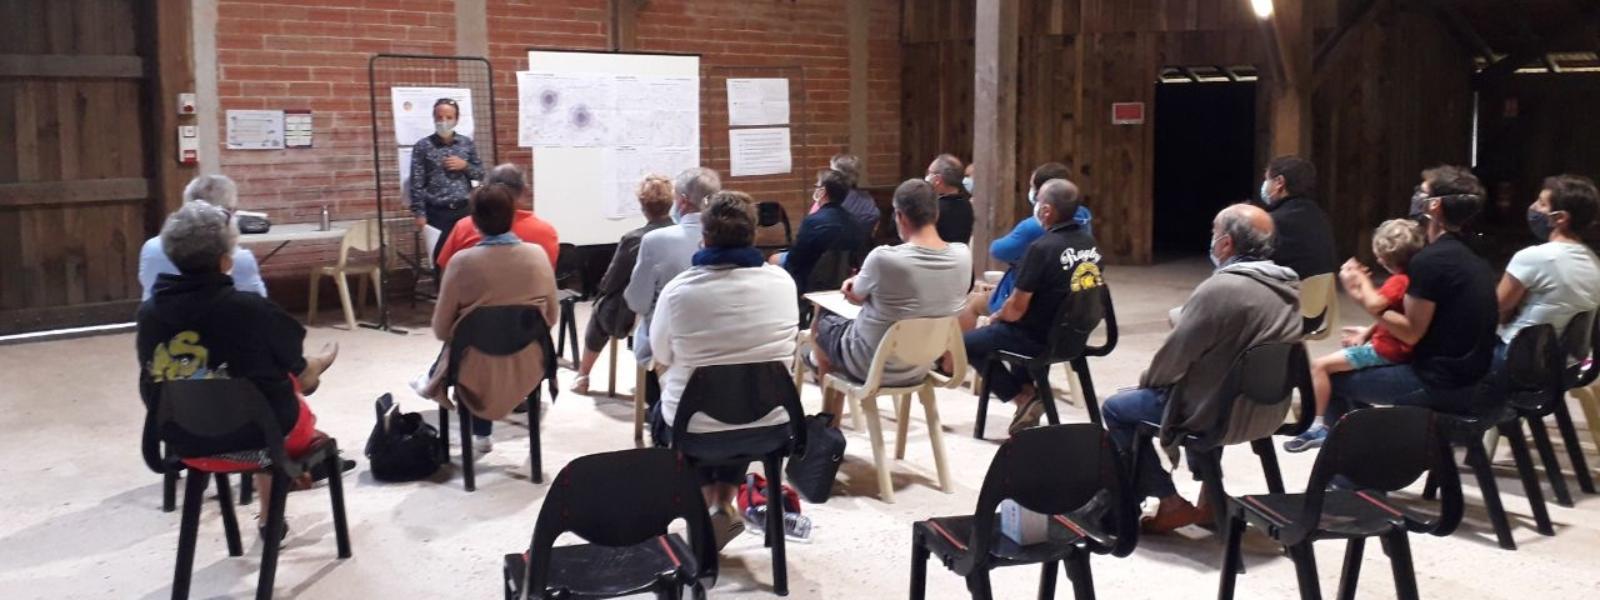 Comité consultatif citoyen 1